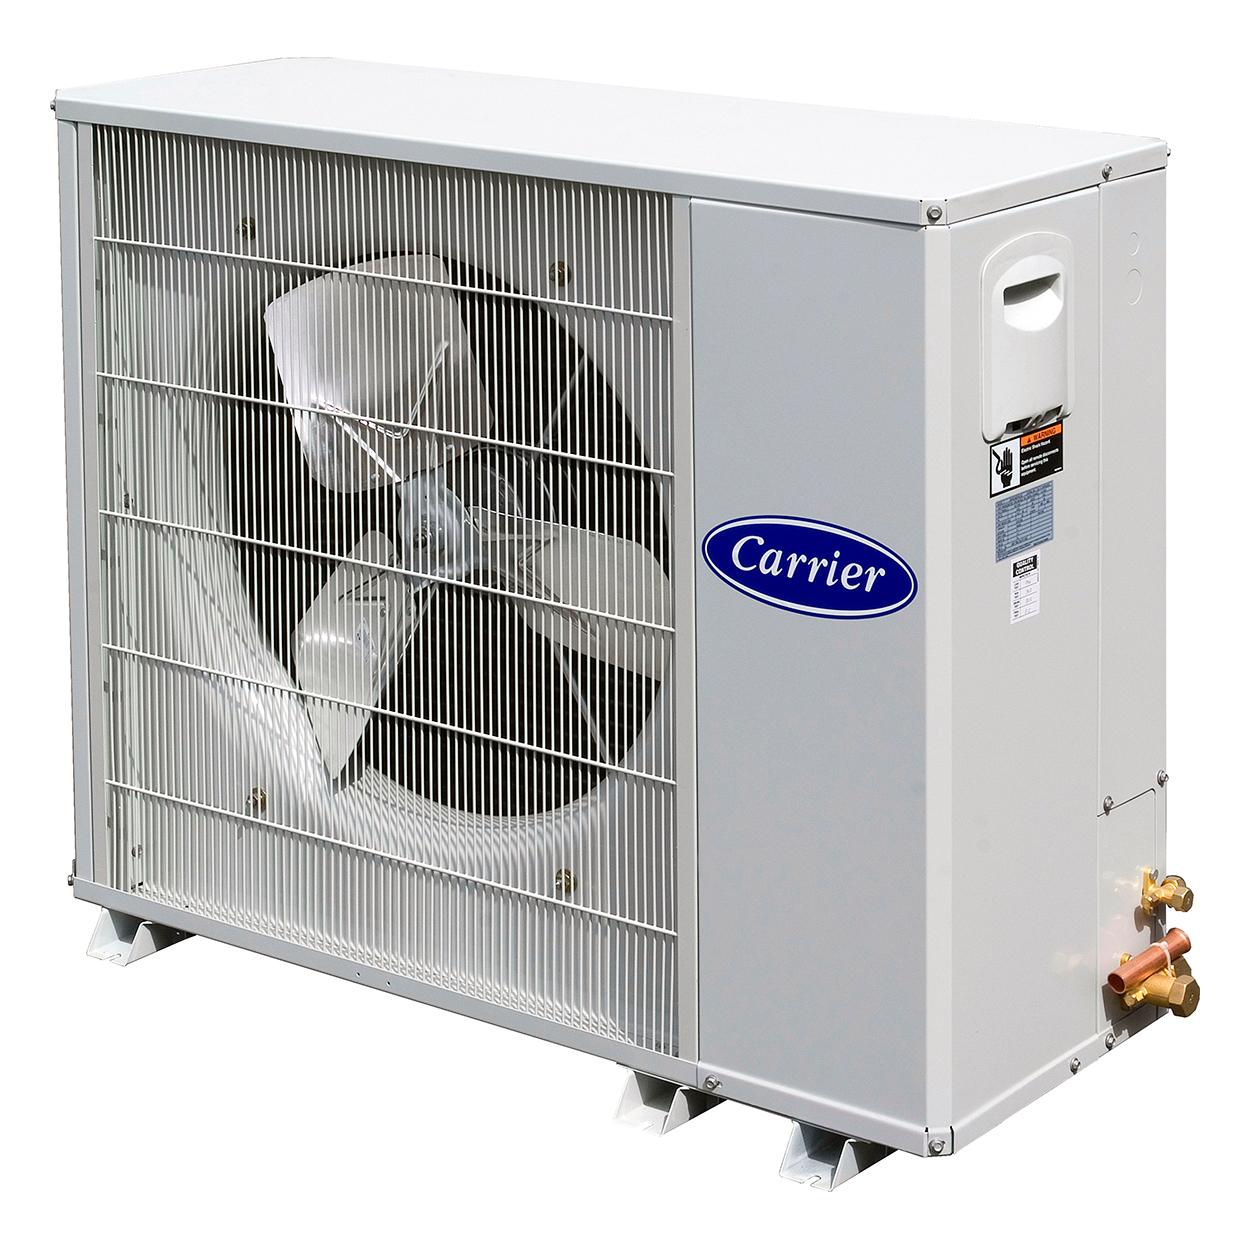 carrier-42tpm-fan-coil-unit